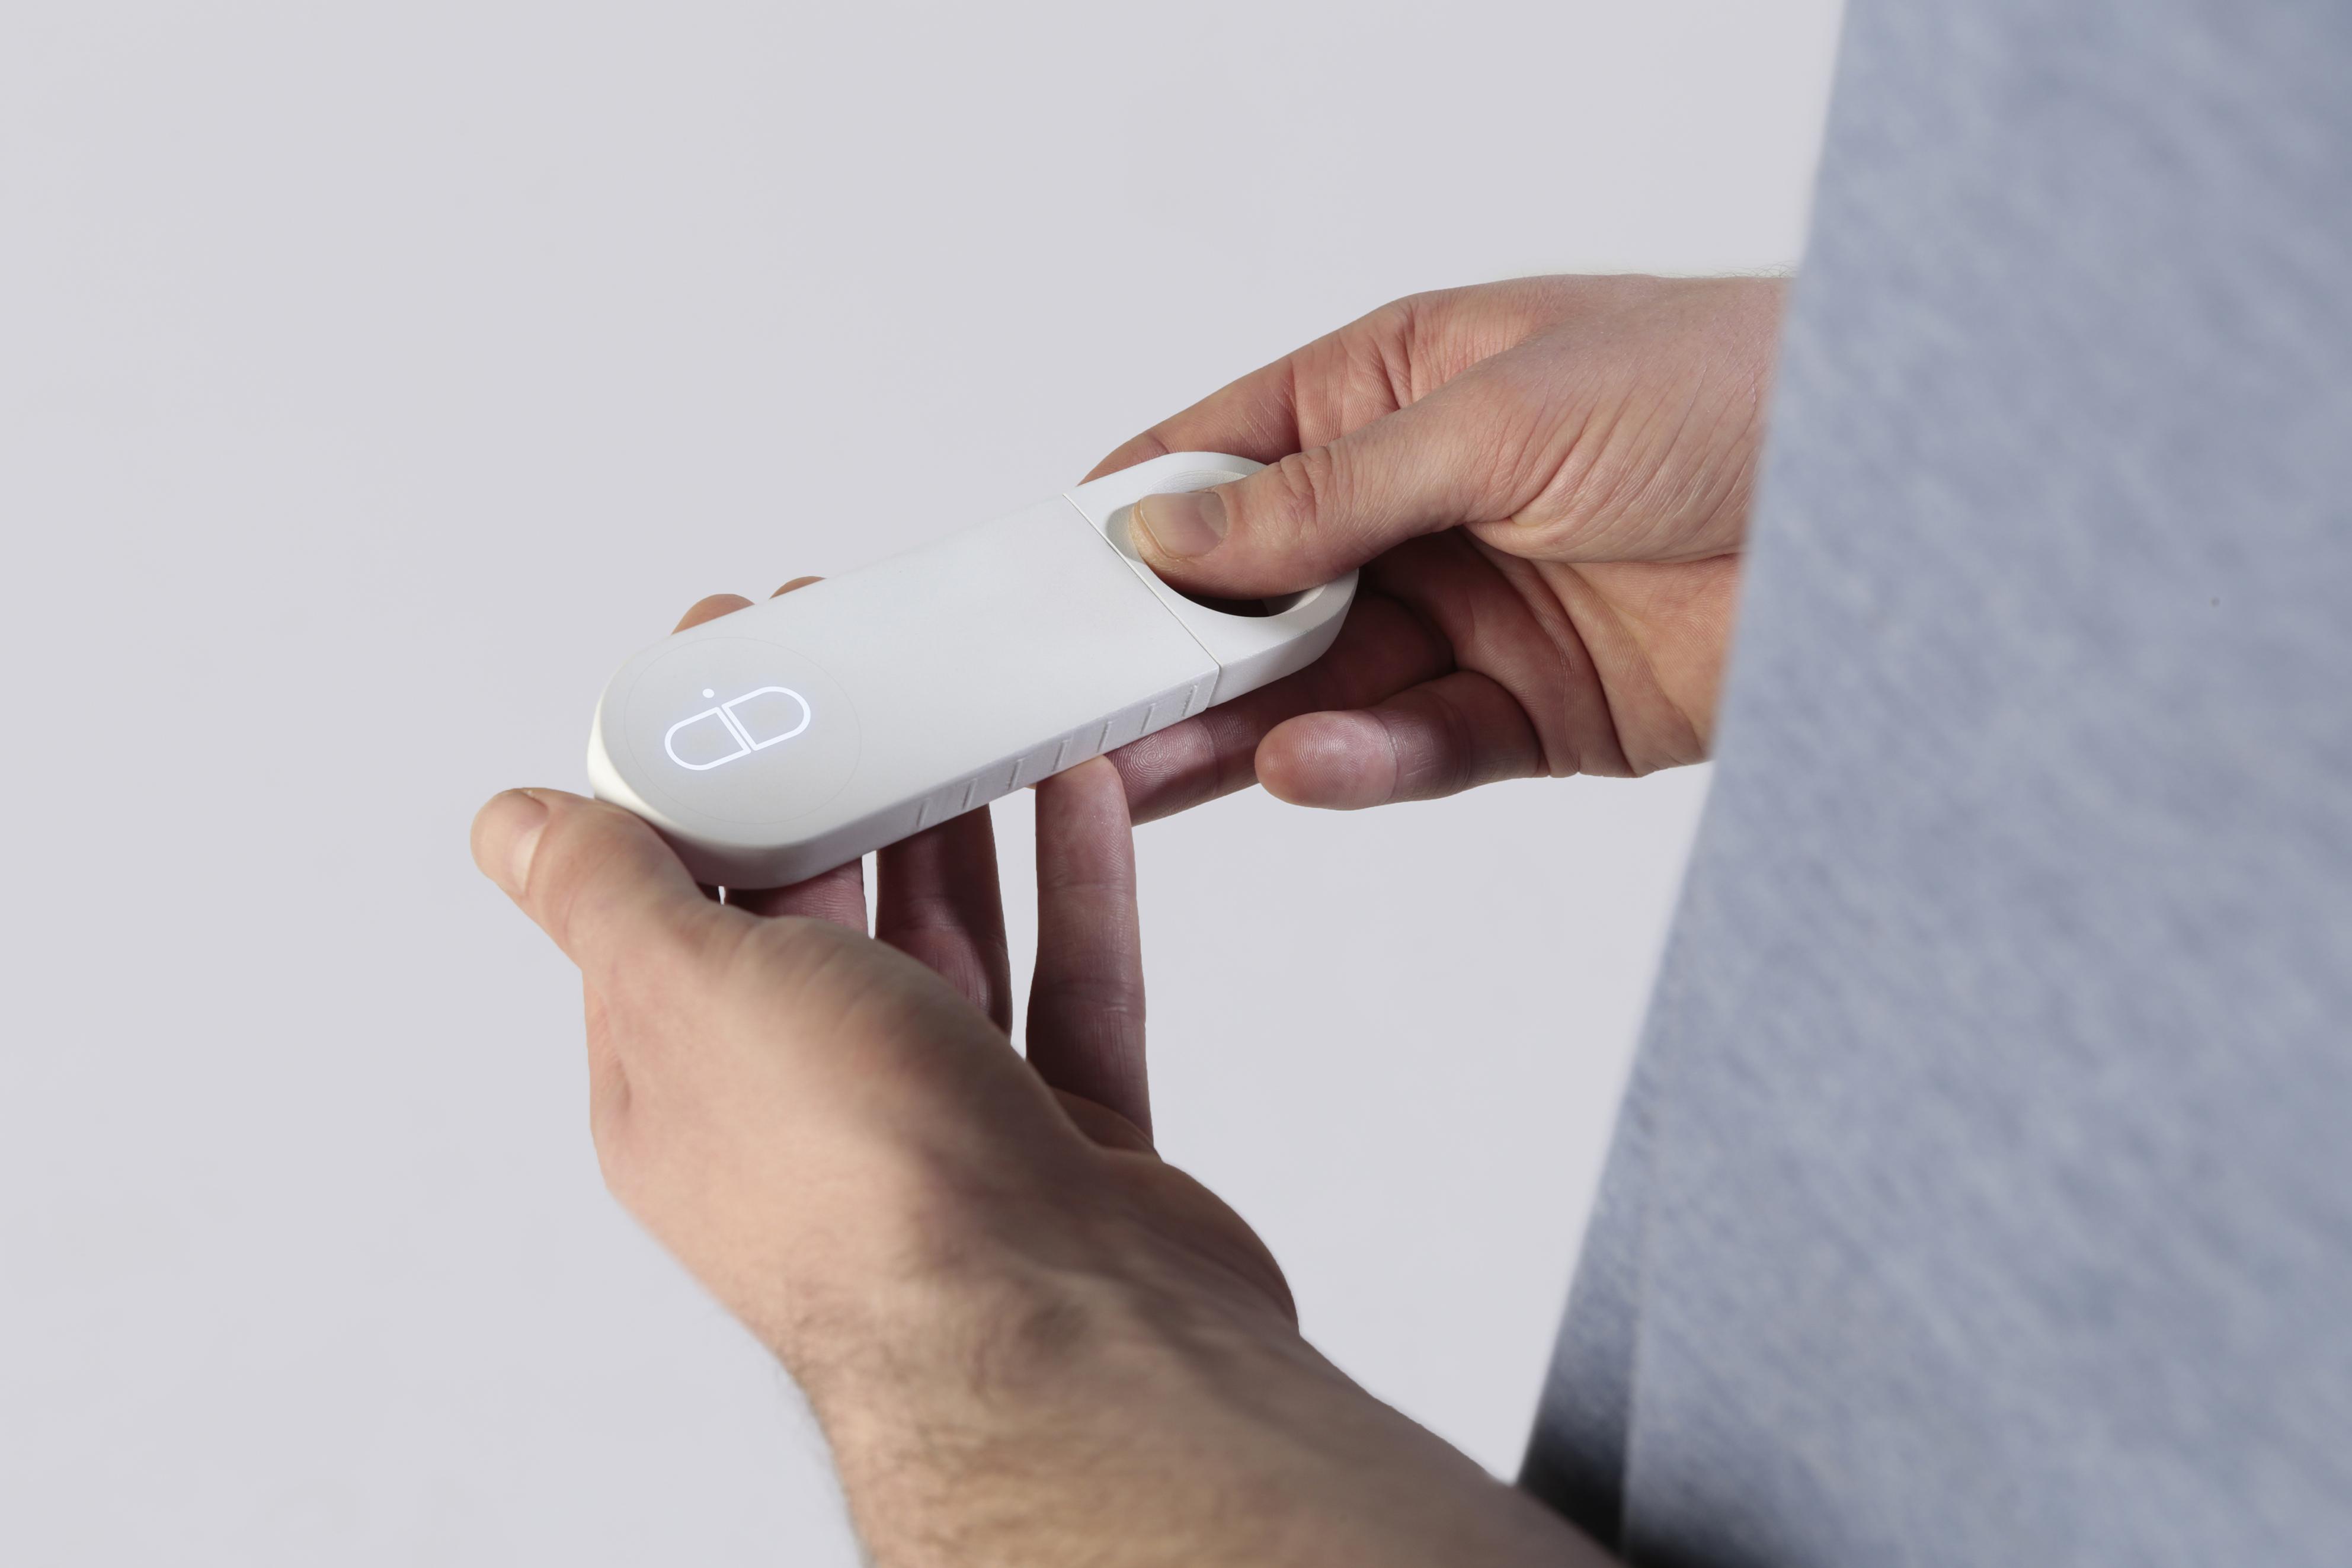 Pillbuddy – dein smarter Begleiter zur Medikamenteneinnahme